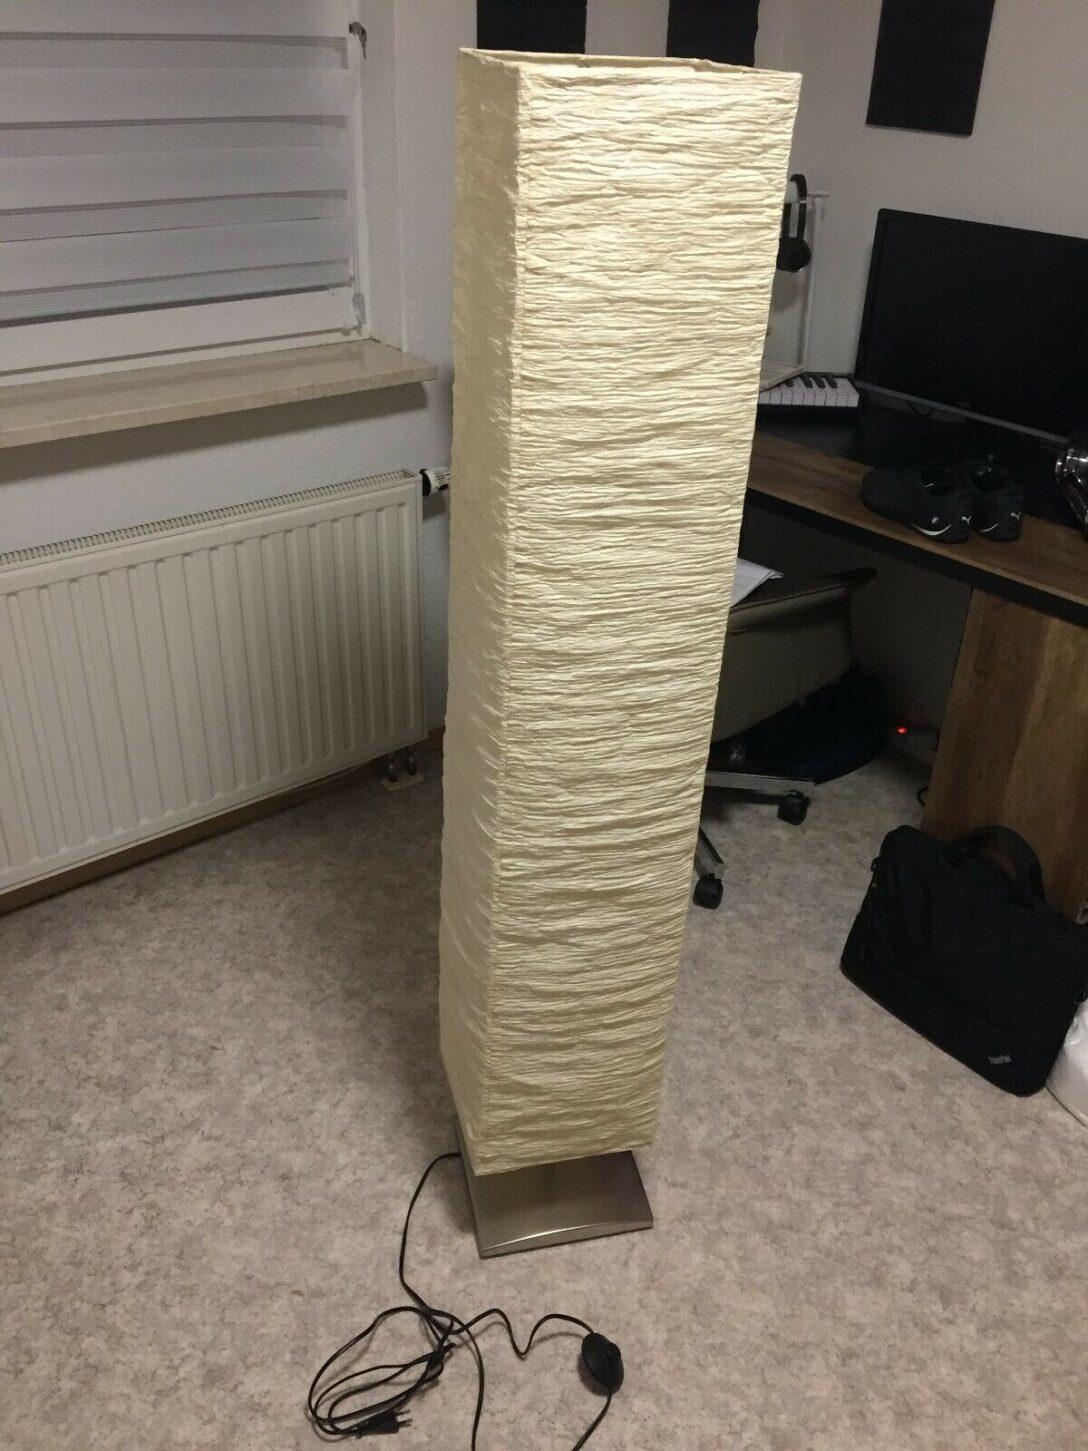 Large Size of Ikea Bogenlampe Papier Kaufen Anleitung Bogenlampen Regolit Hack Stehlampe Steh Betten Bei Küche Kosten 160x200 Modulküche Esstisch Miniküche Sofa Mit Wohnzimmer Ikea Bogenlampe